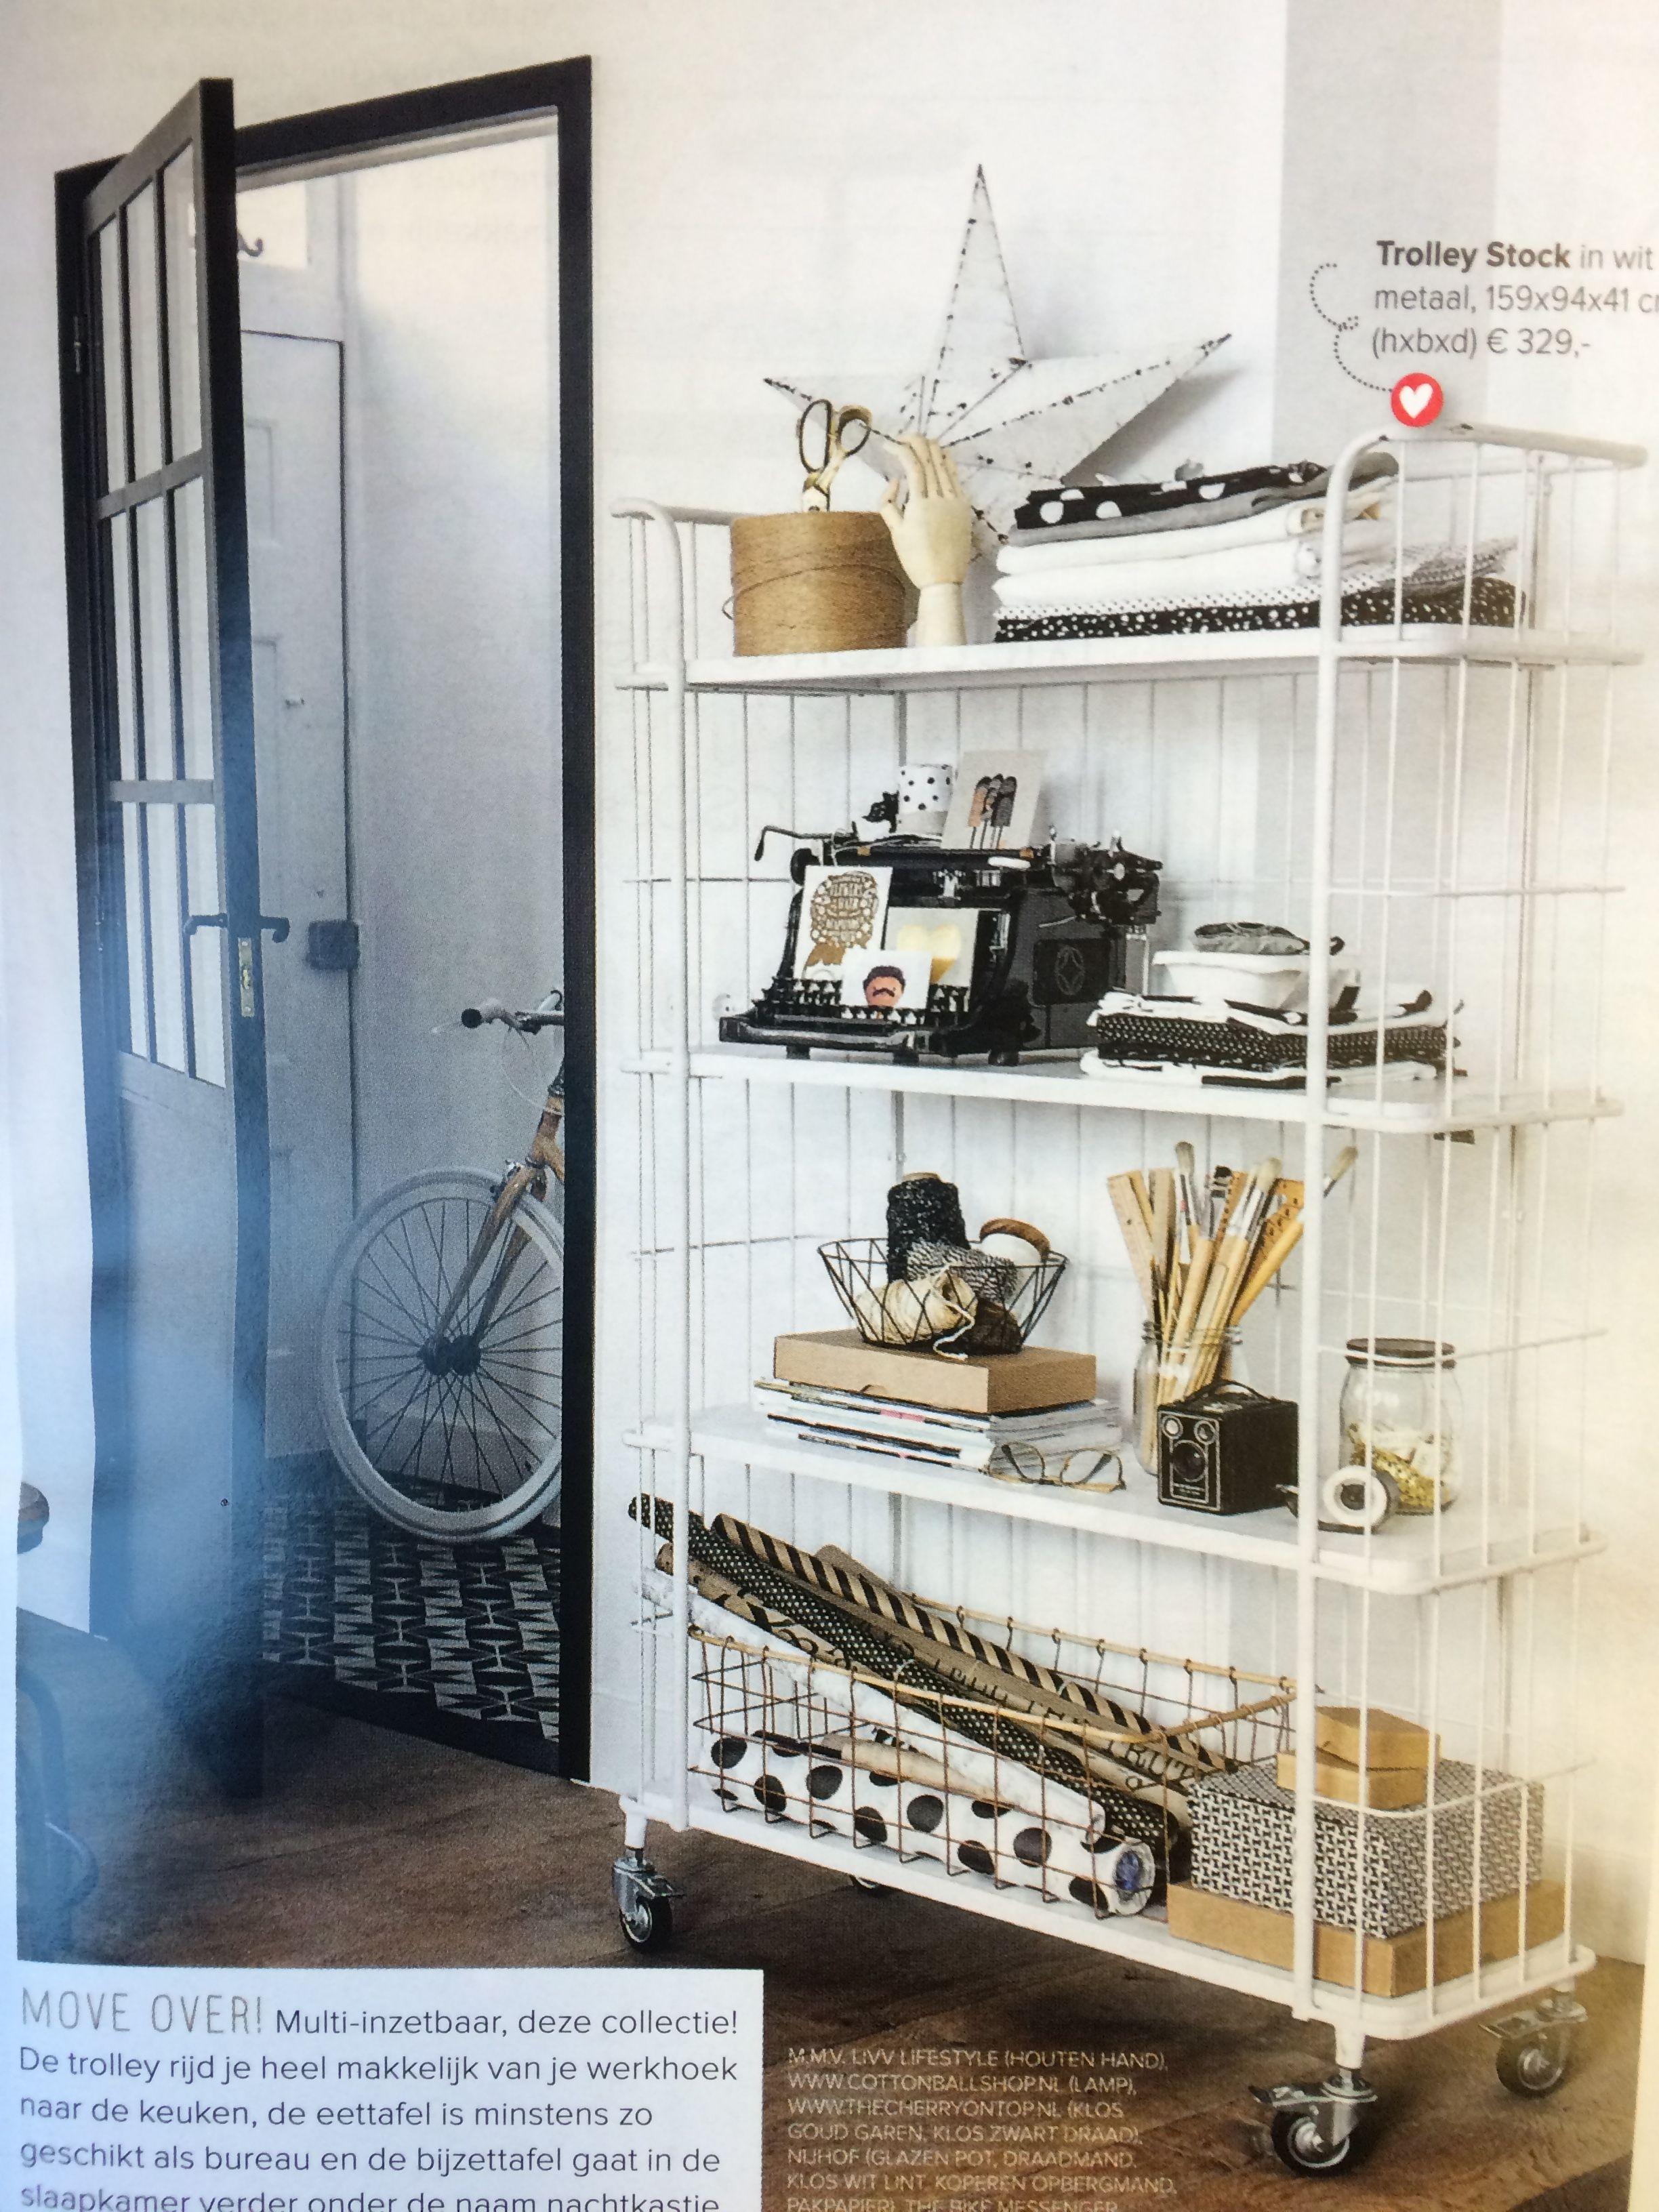 Trolley Keuken Ikea : Bakkersrek ls keuken